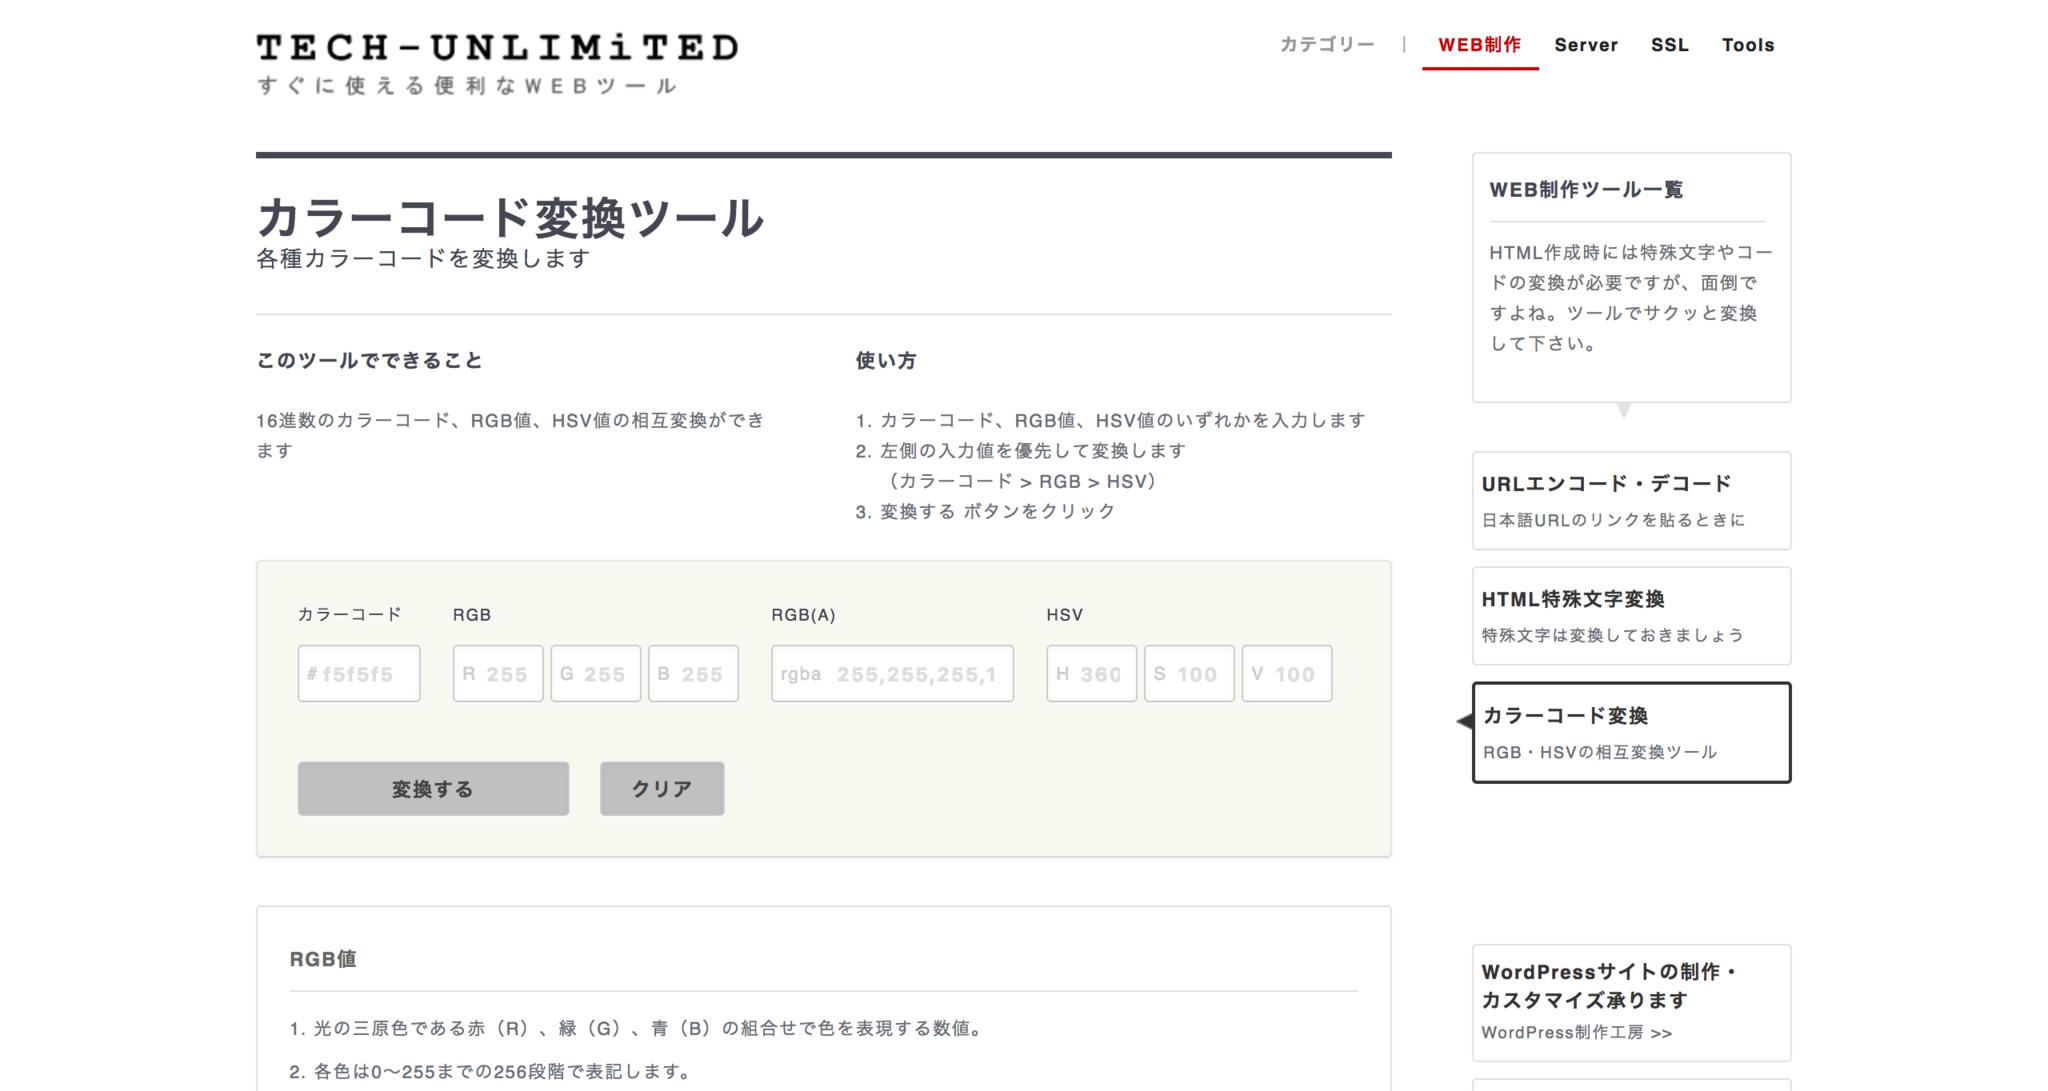 カラーコード変換|各種設定用のカラーコードに変換___すぐに使える便利なWEBツール___Tech_Unlimited.png